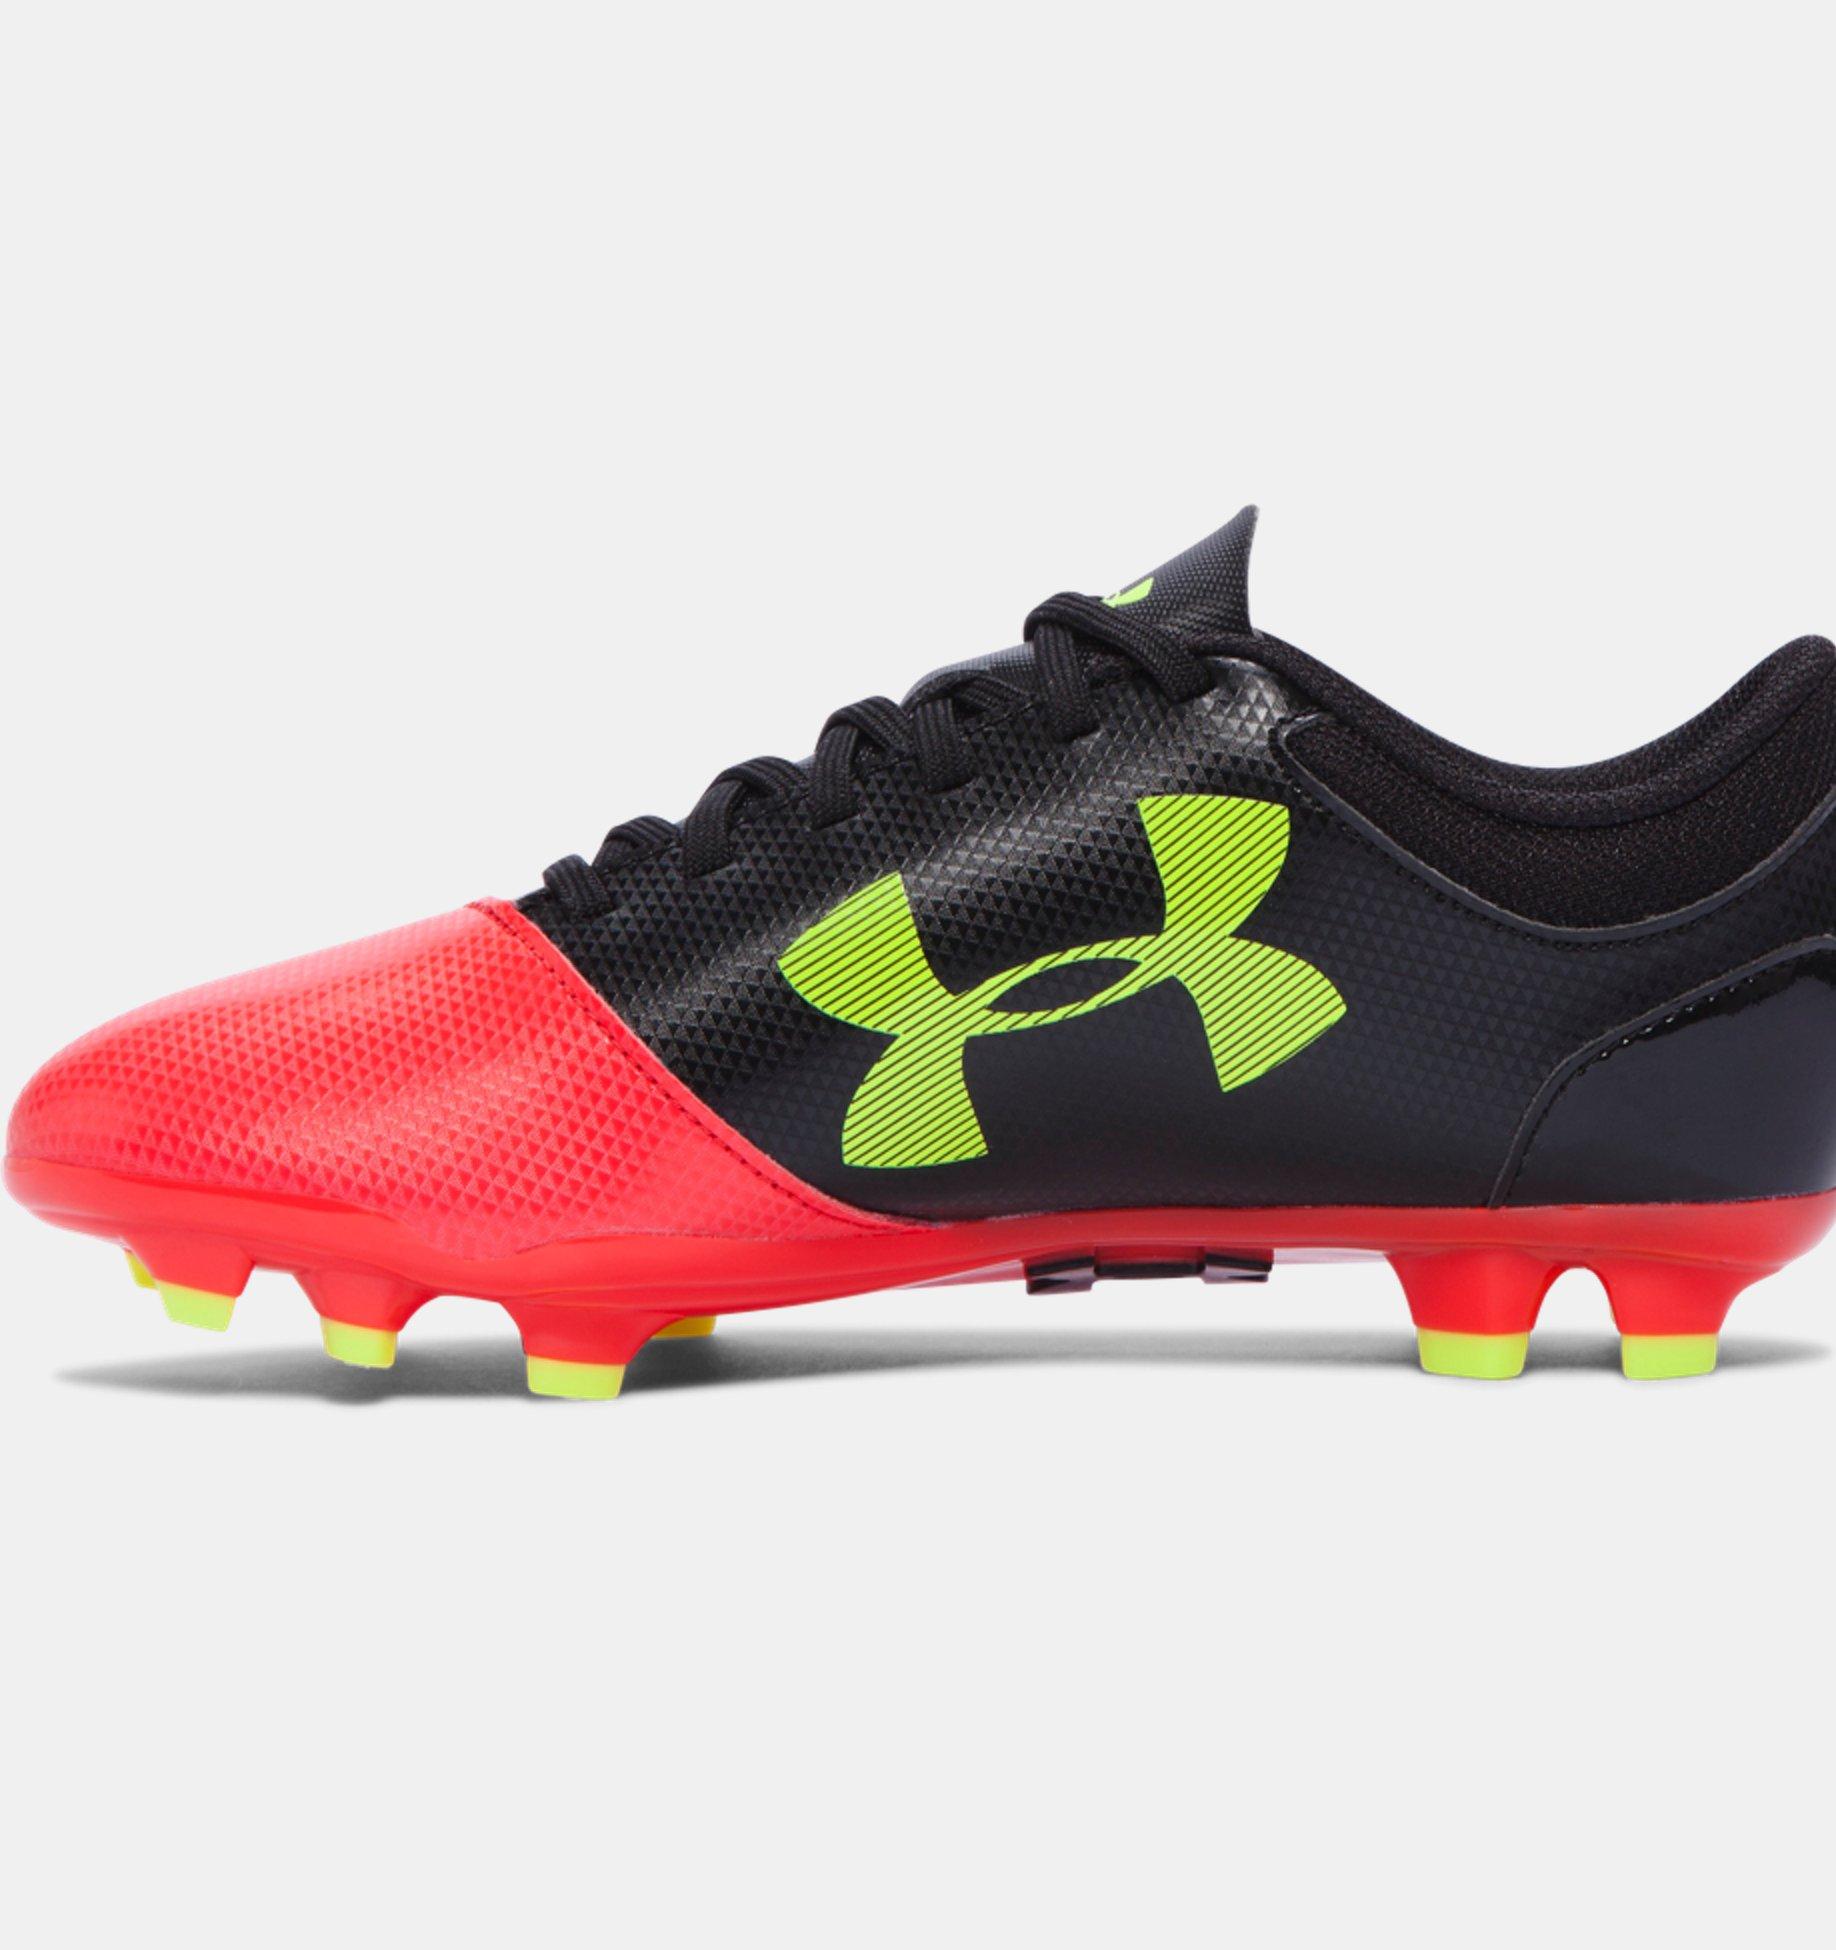 dd4c8a2efb278 ... Zapatos de Futbol UA Spotlight DL FG JR para Niños ...